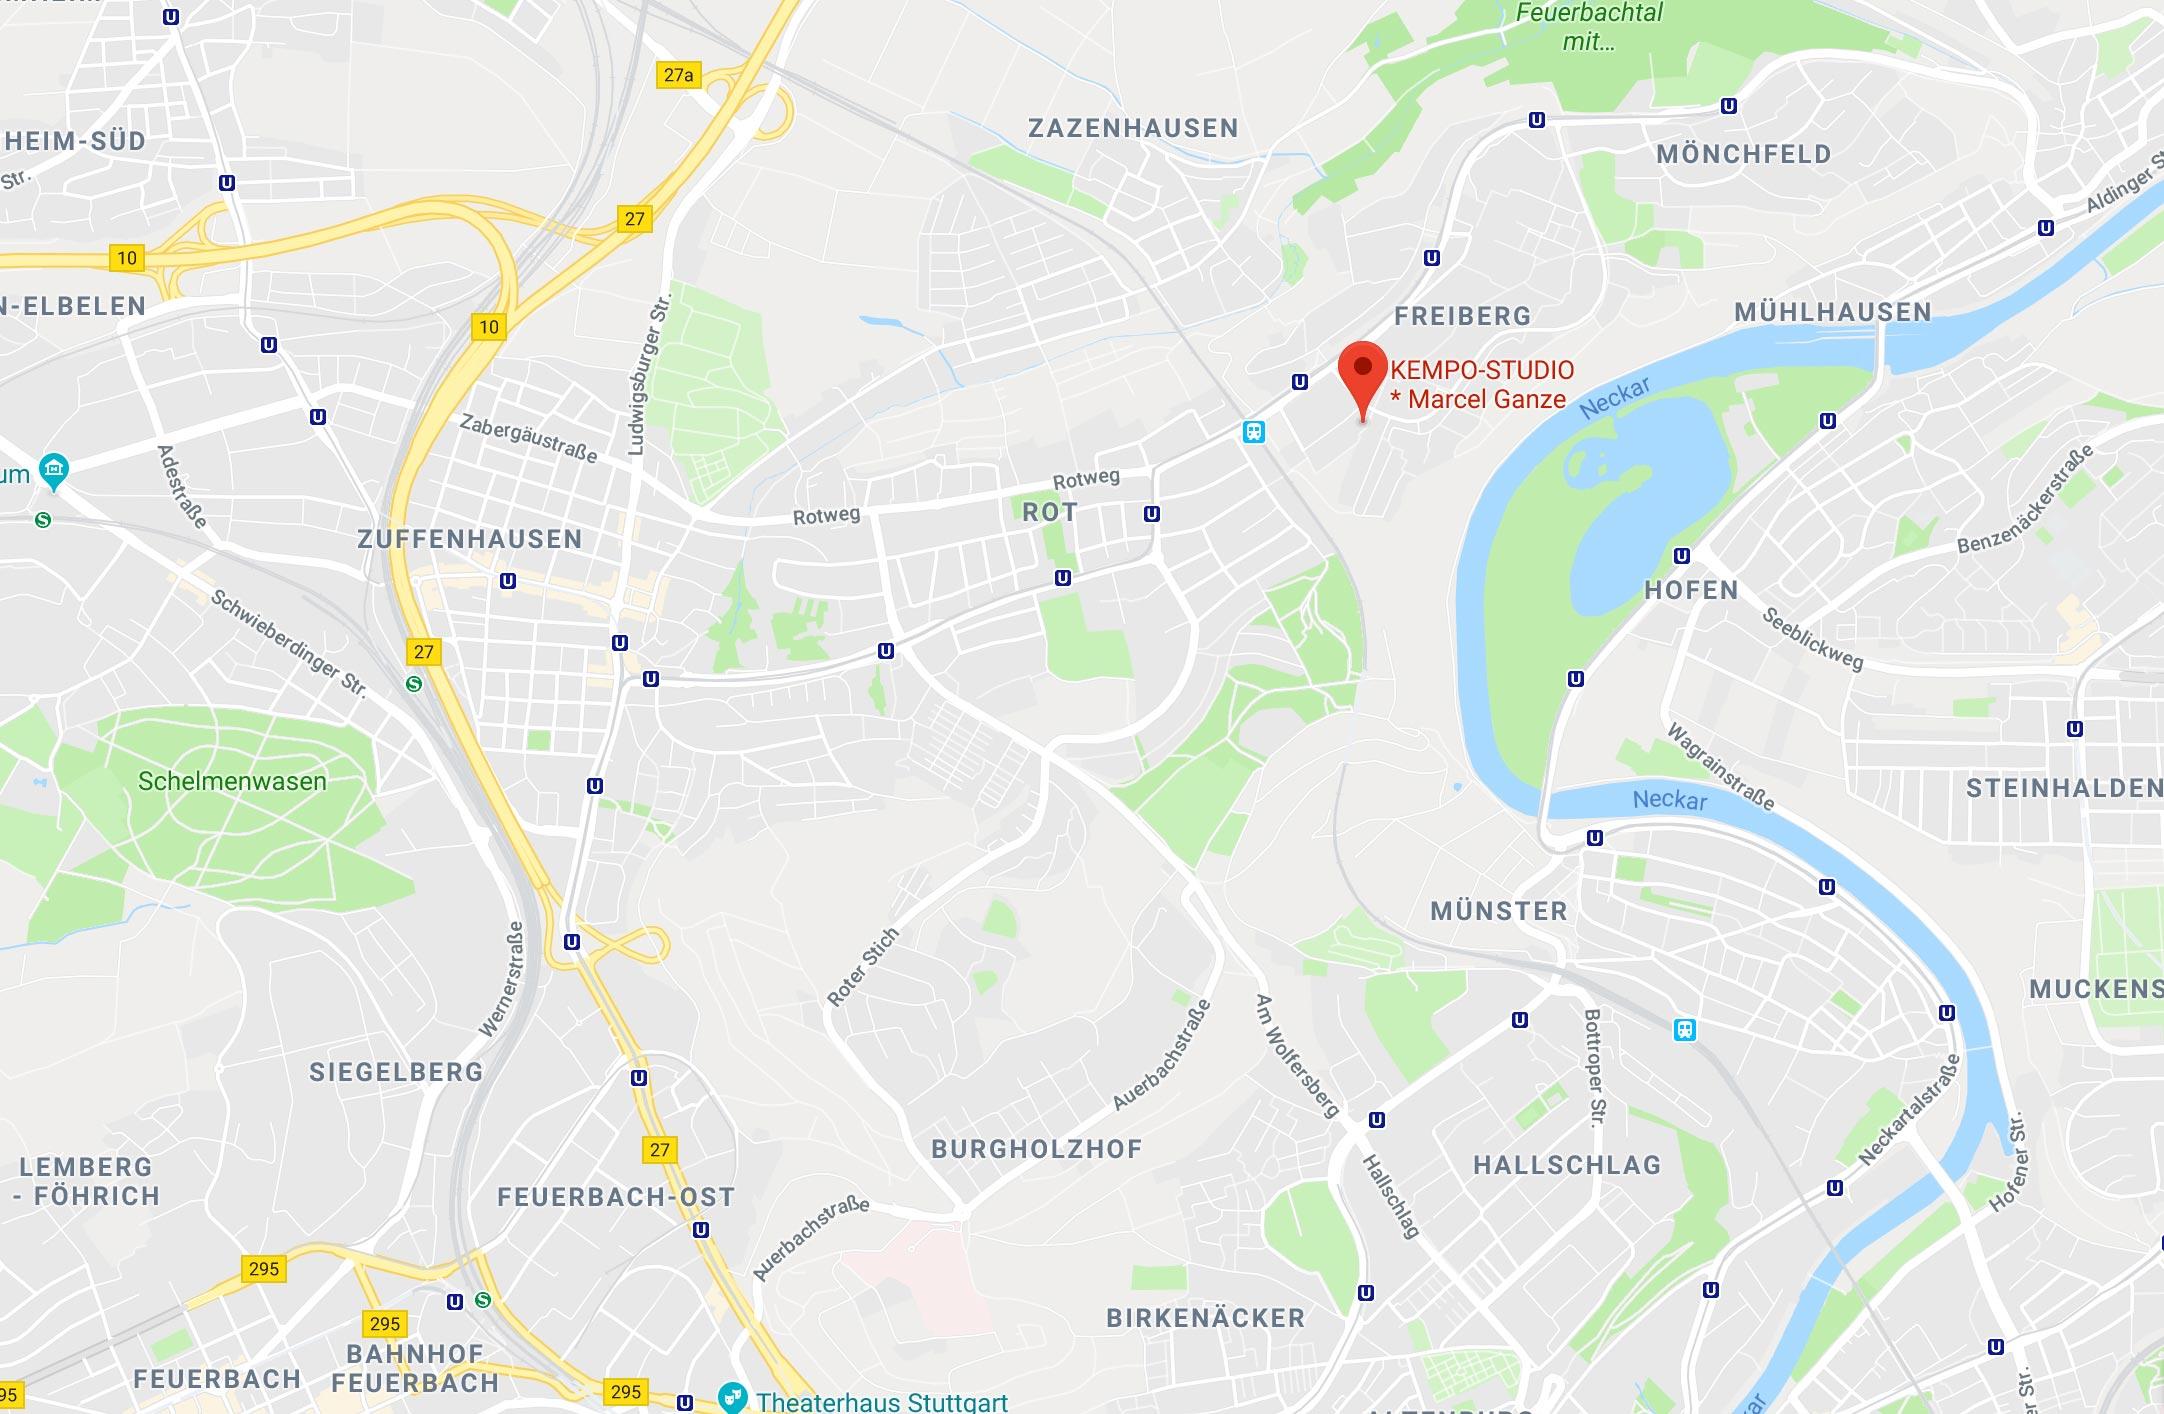 Karte KEMPO-STUDIO STUTTGART